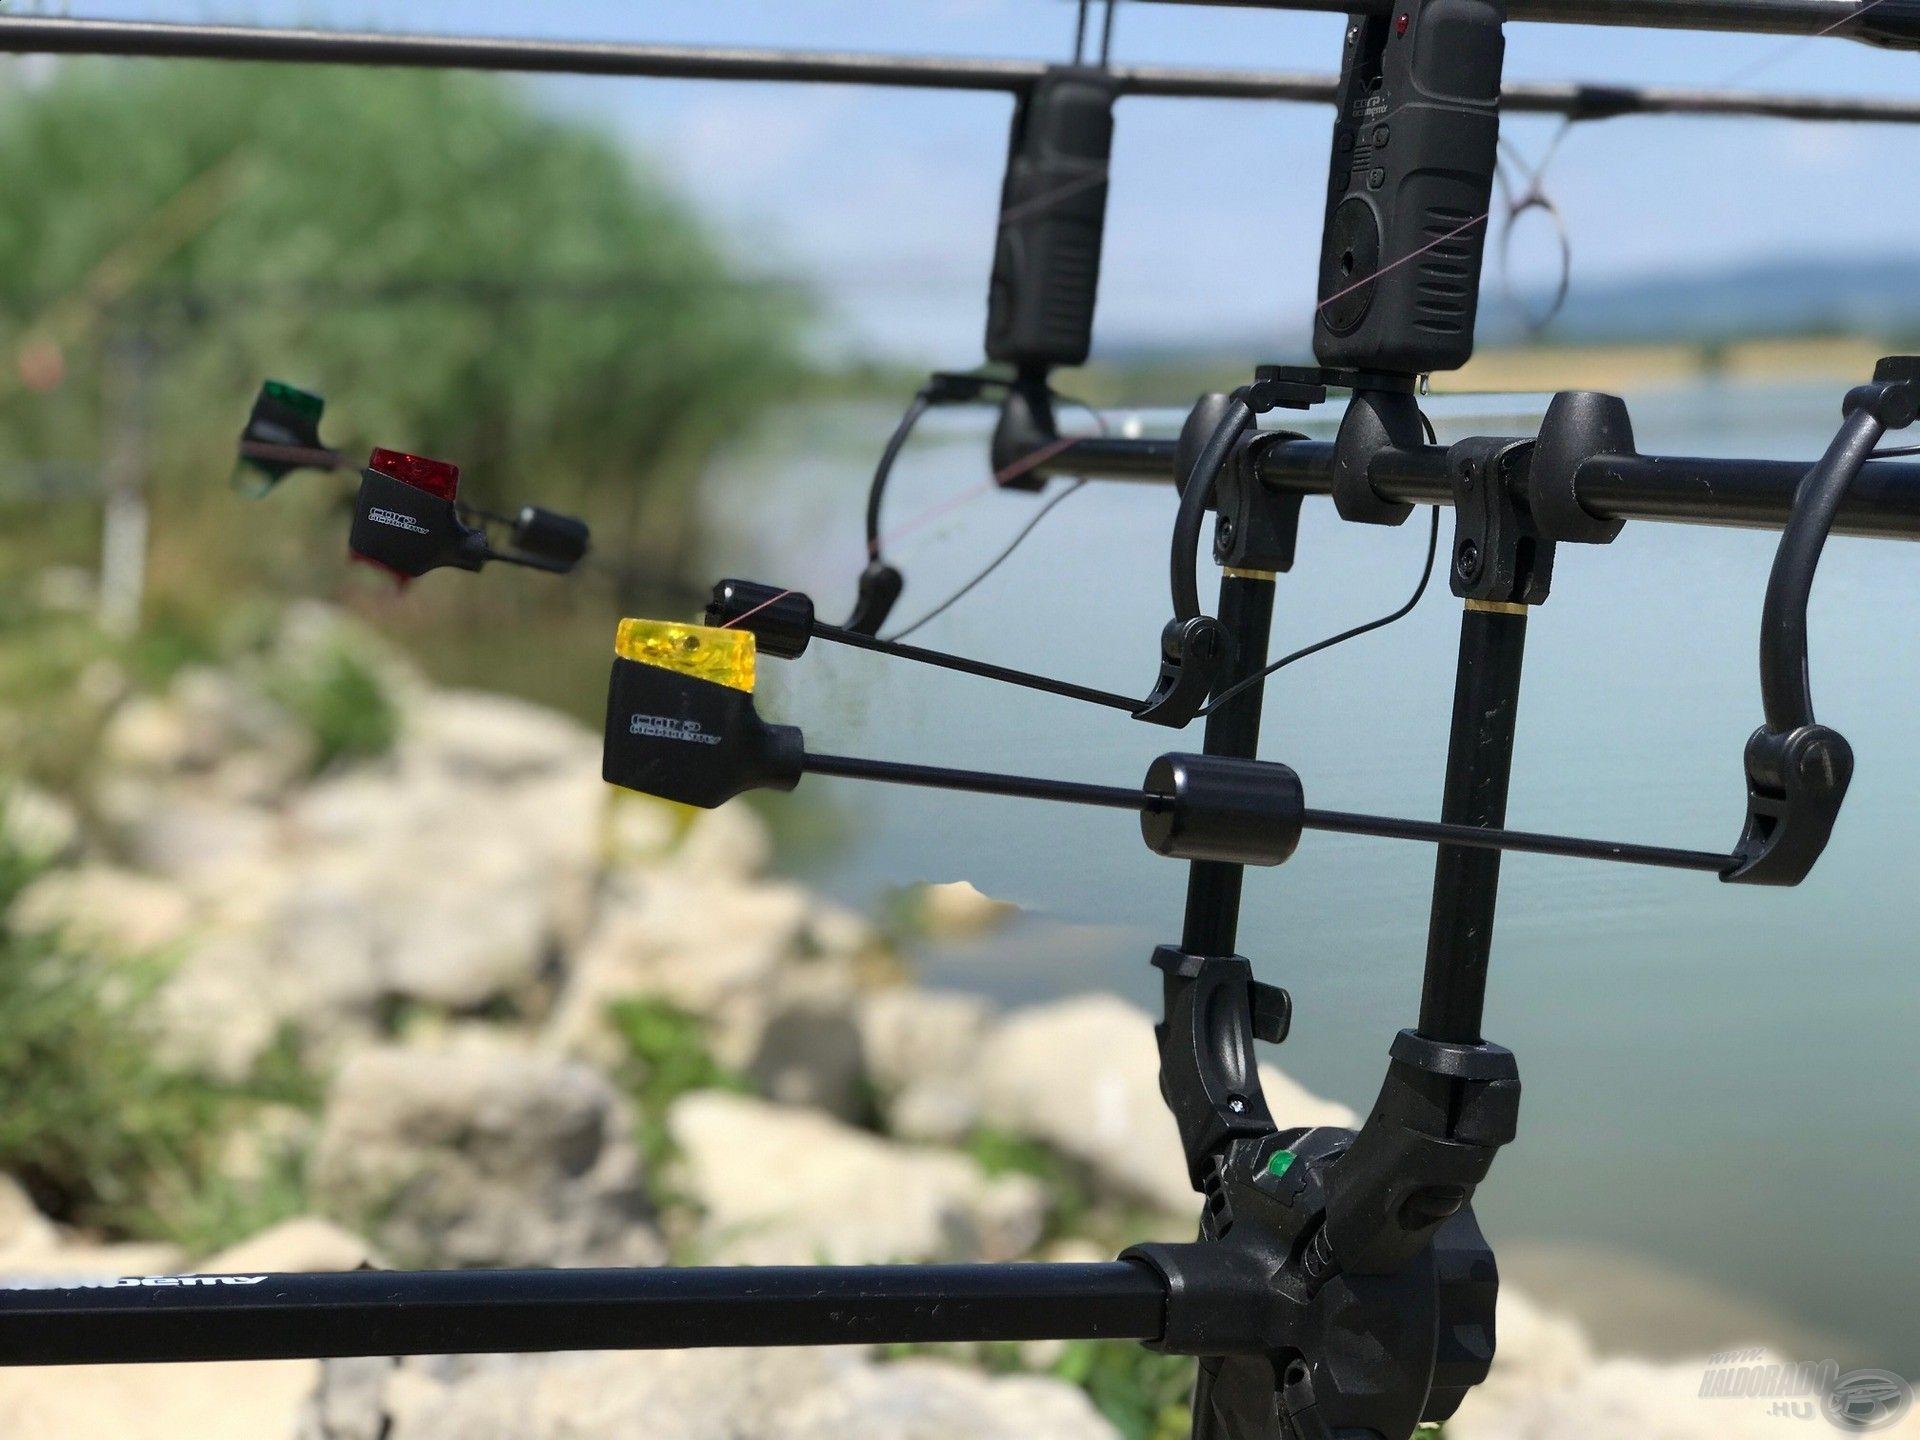 Legutóbbi horgásztúrámon is a V-Head swingerekkel horgásztam, melyeket nagyon megkedveltem